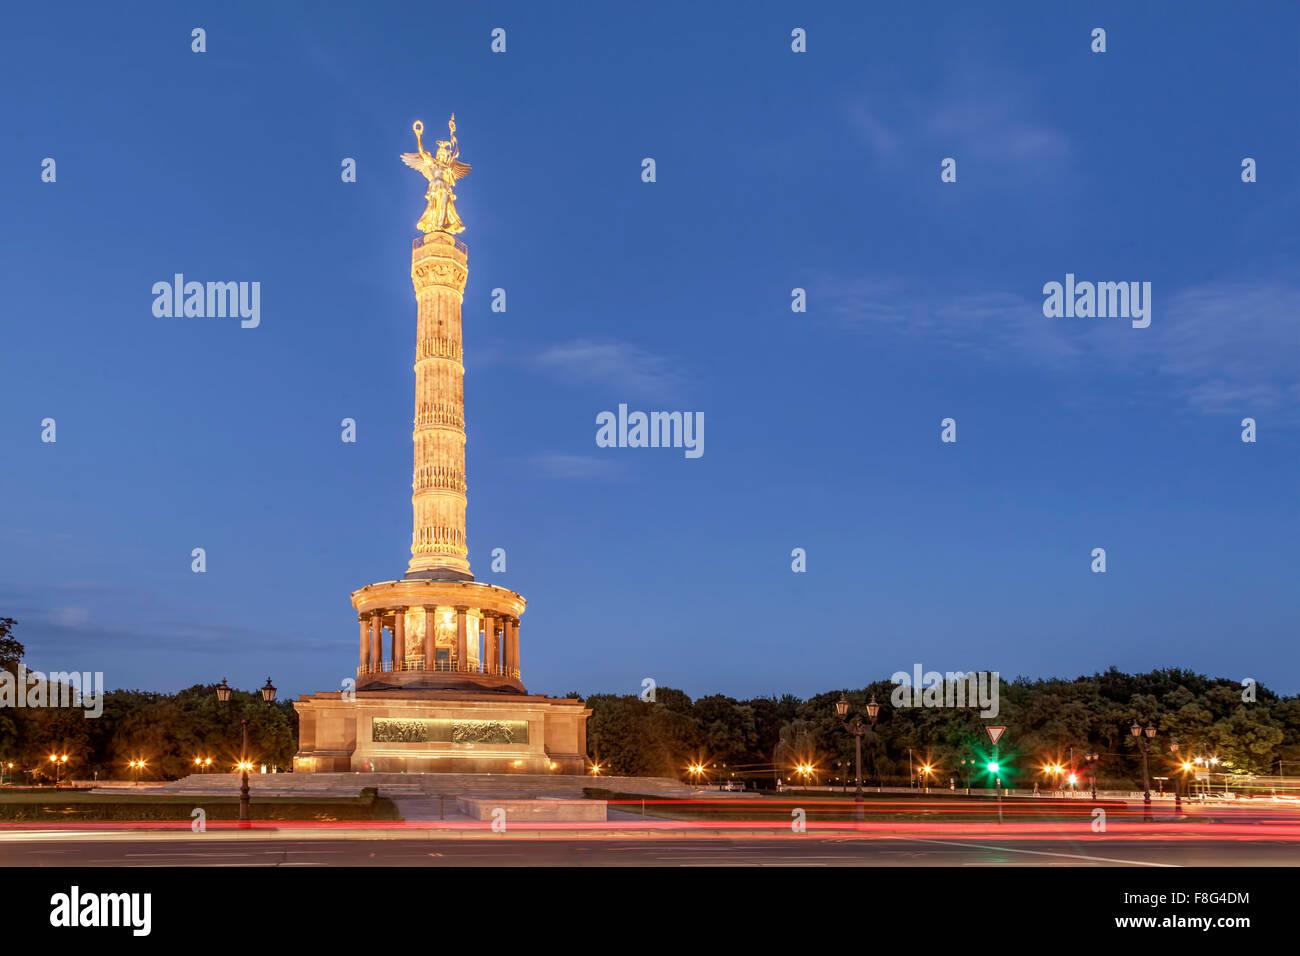 Victory Column at Twilight, Tiergarten, Berlin - Stock Image